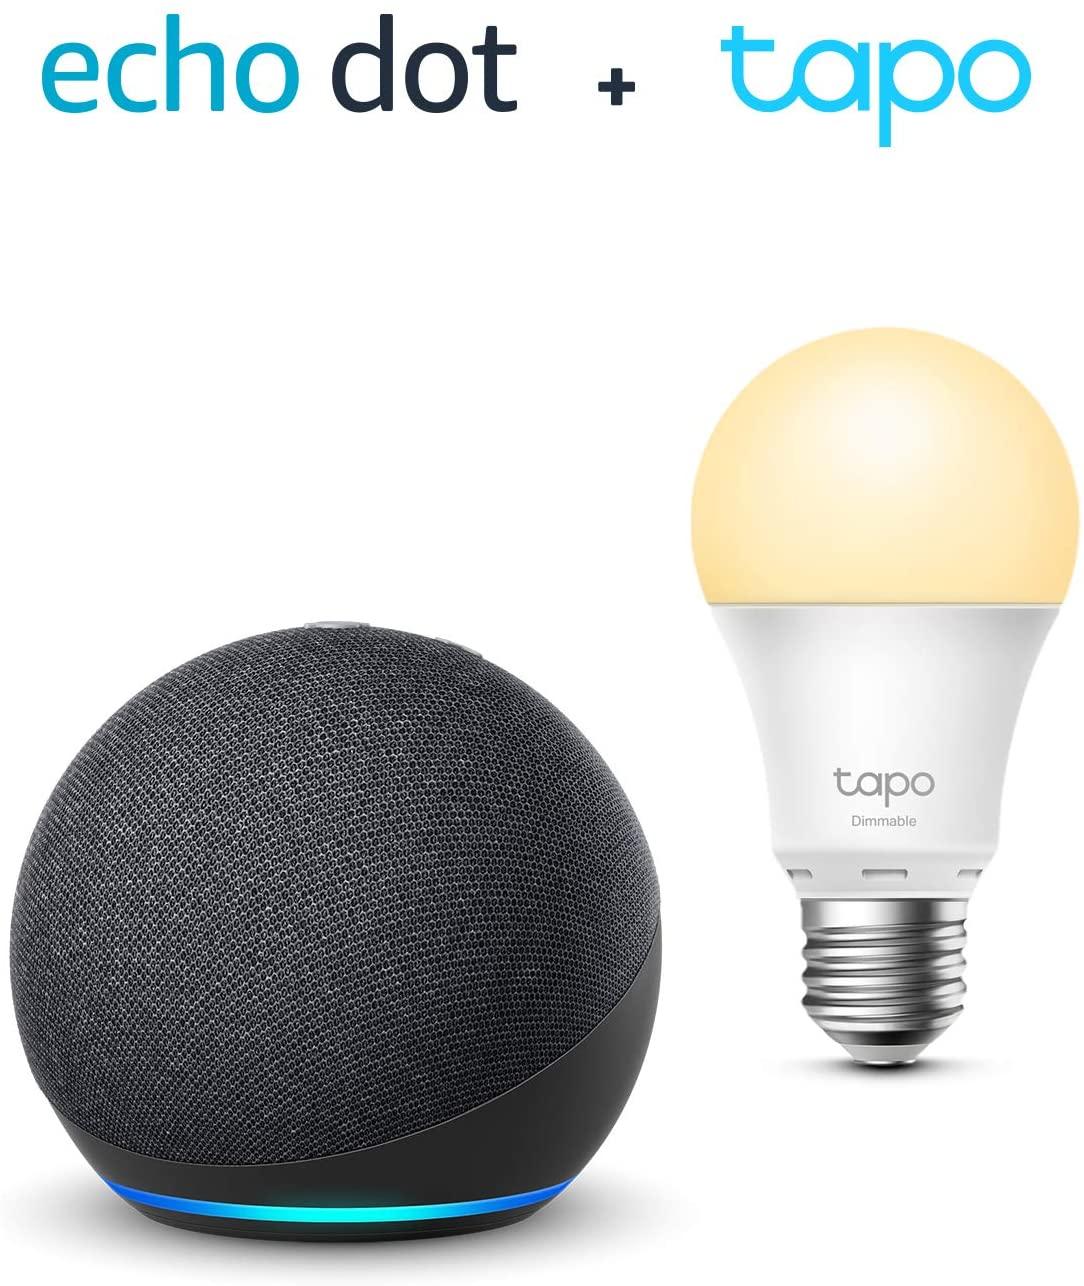 Pack assistant vocal Echo Dot 4ème génération (avec Alexa, anthracite) + Ampoule connectée TP-Link Tapo (LED, E27)